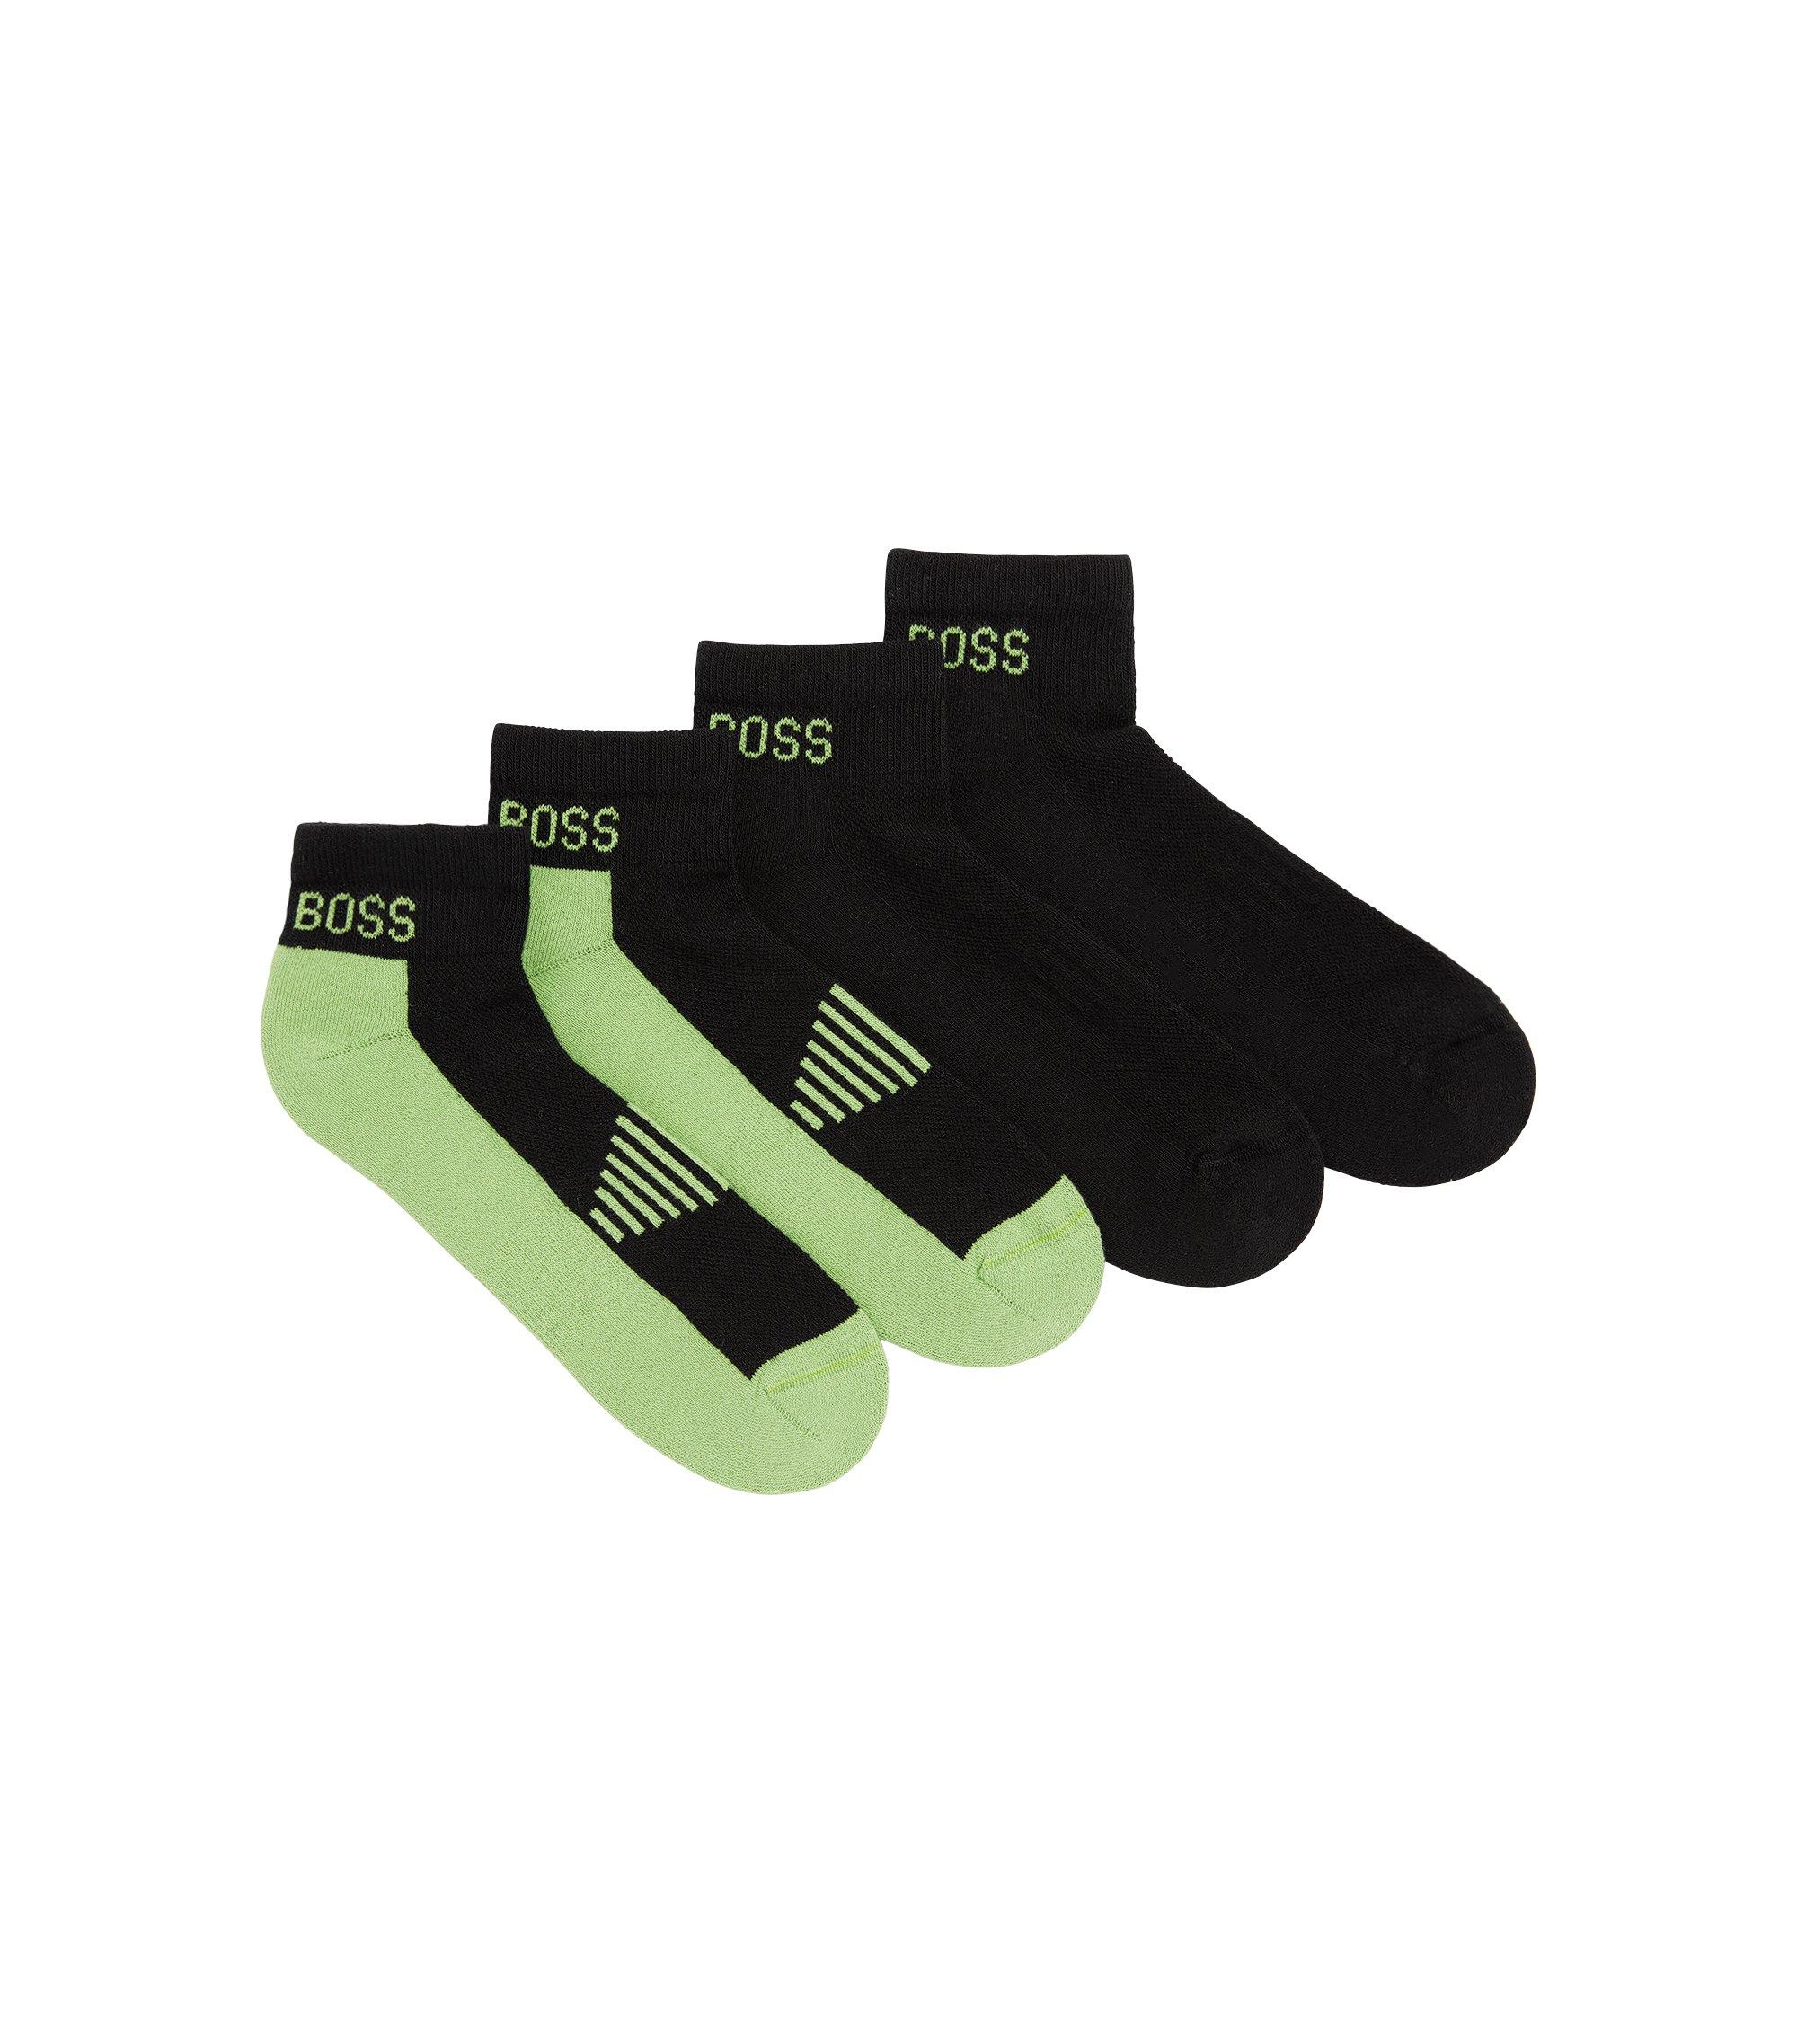 Knöchelhohe Socken aus Baumwoll-Piqué mit Polsterung im Zweier-Pack, Schwarz